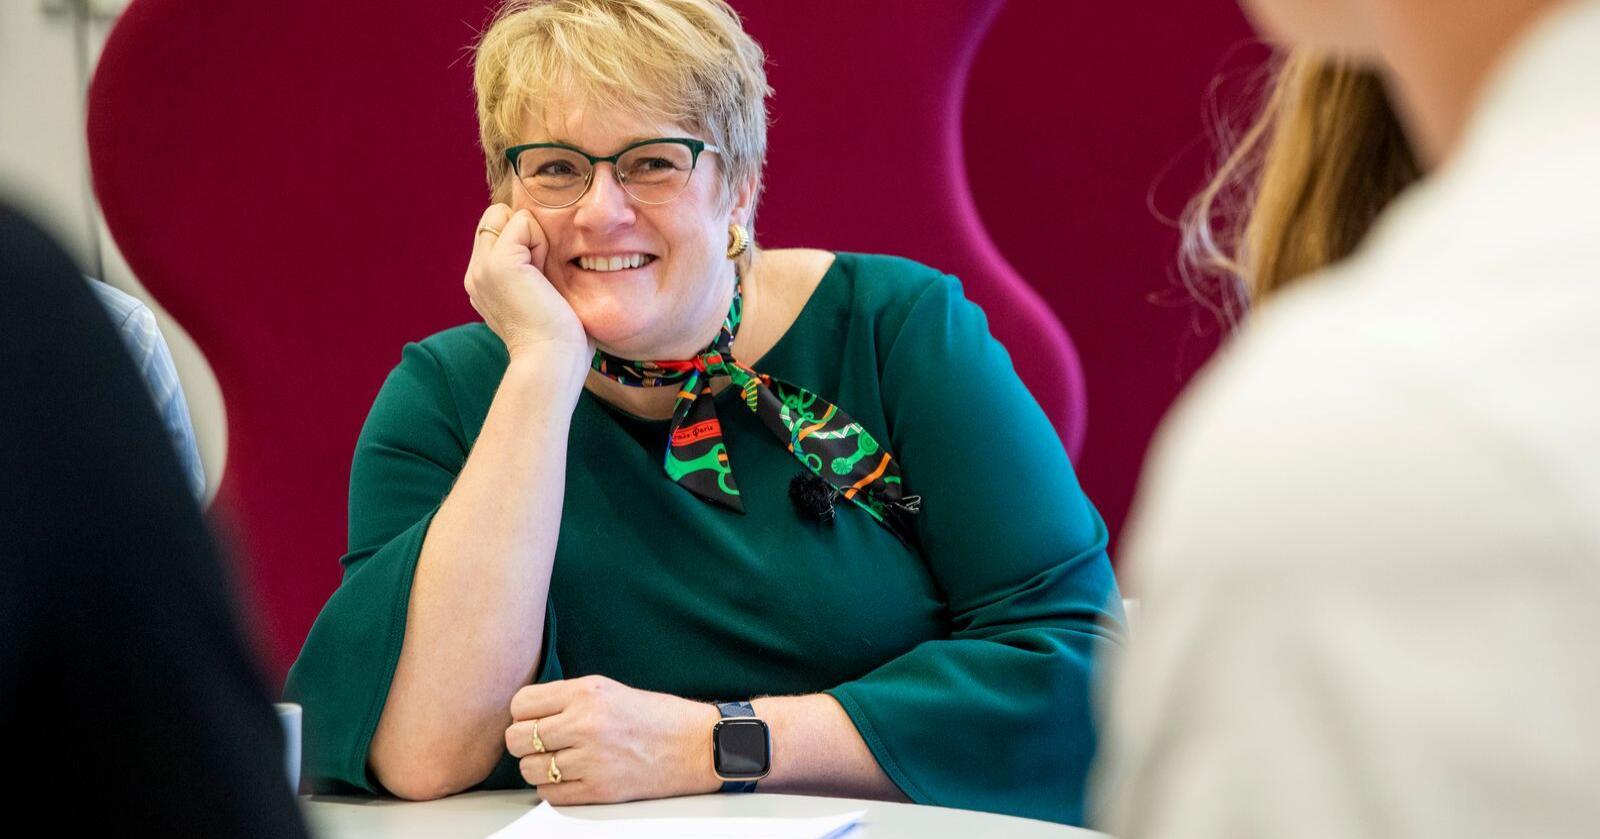 Nylige avtroppede Venstre-leder Trine Skei Grande (V) omtaler i en ny bok kornåkersaken i 2018 som det verste trøkket hun har opplevd. FOTO: Tore Meek /